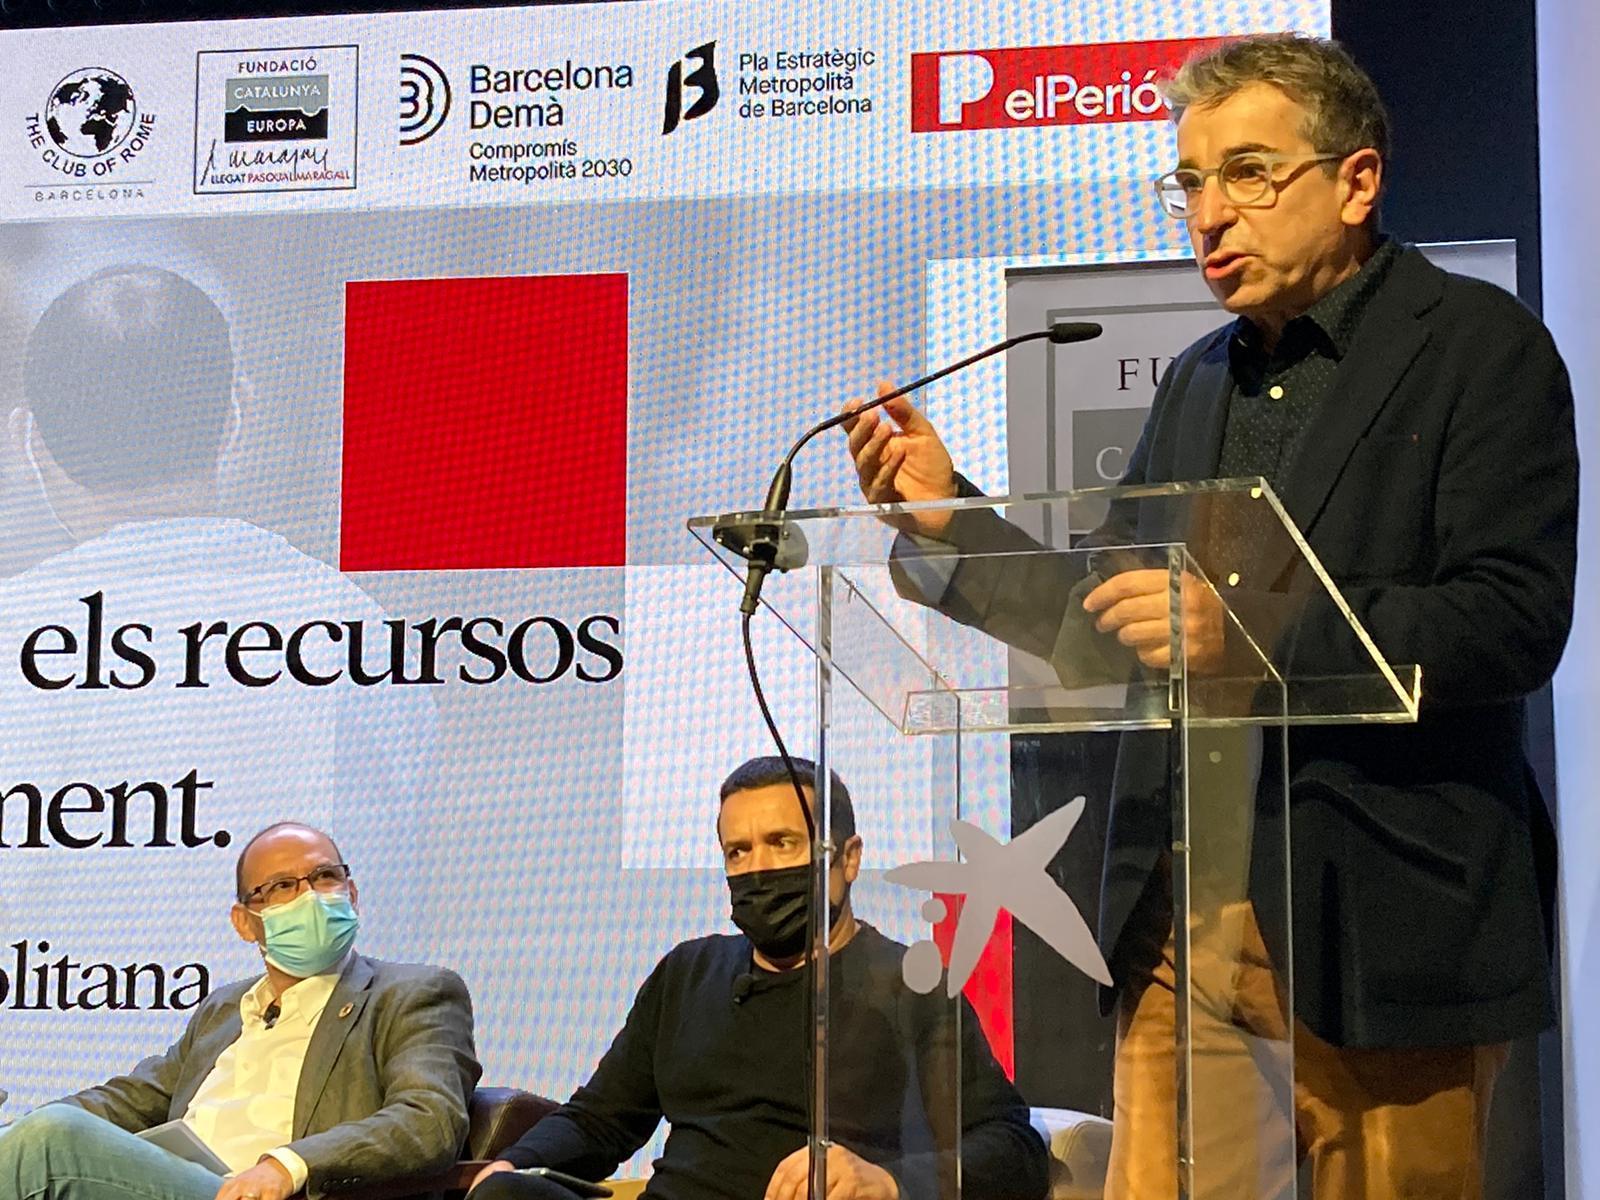 Jordi Martí da la bienvenida a las personas asistentes